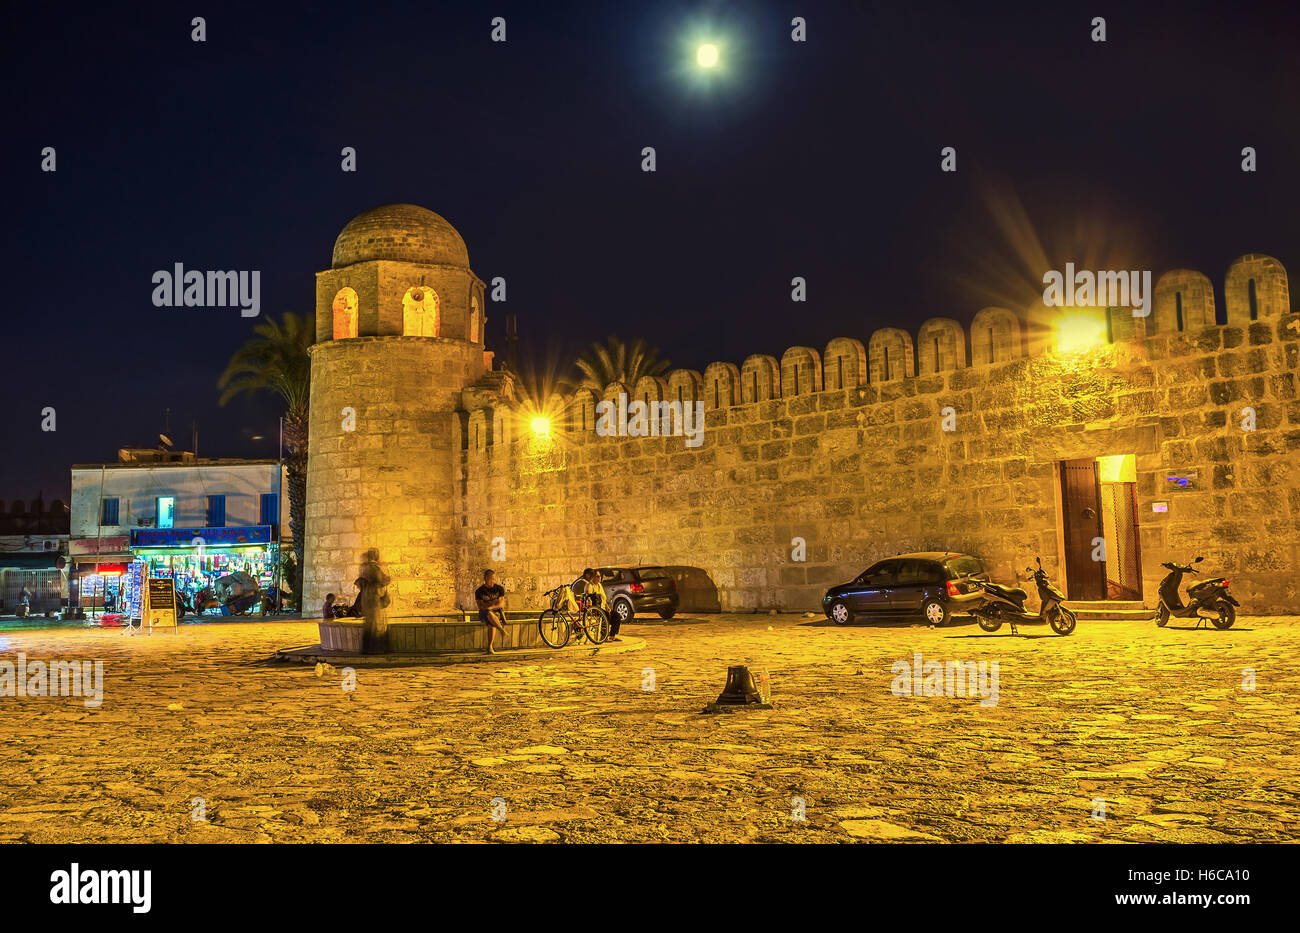 Die Wände liegt der großen Moschee in der Abendhelle Beleuchtung Stockbild